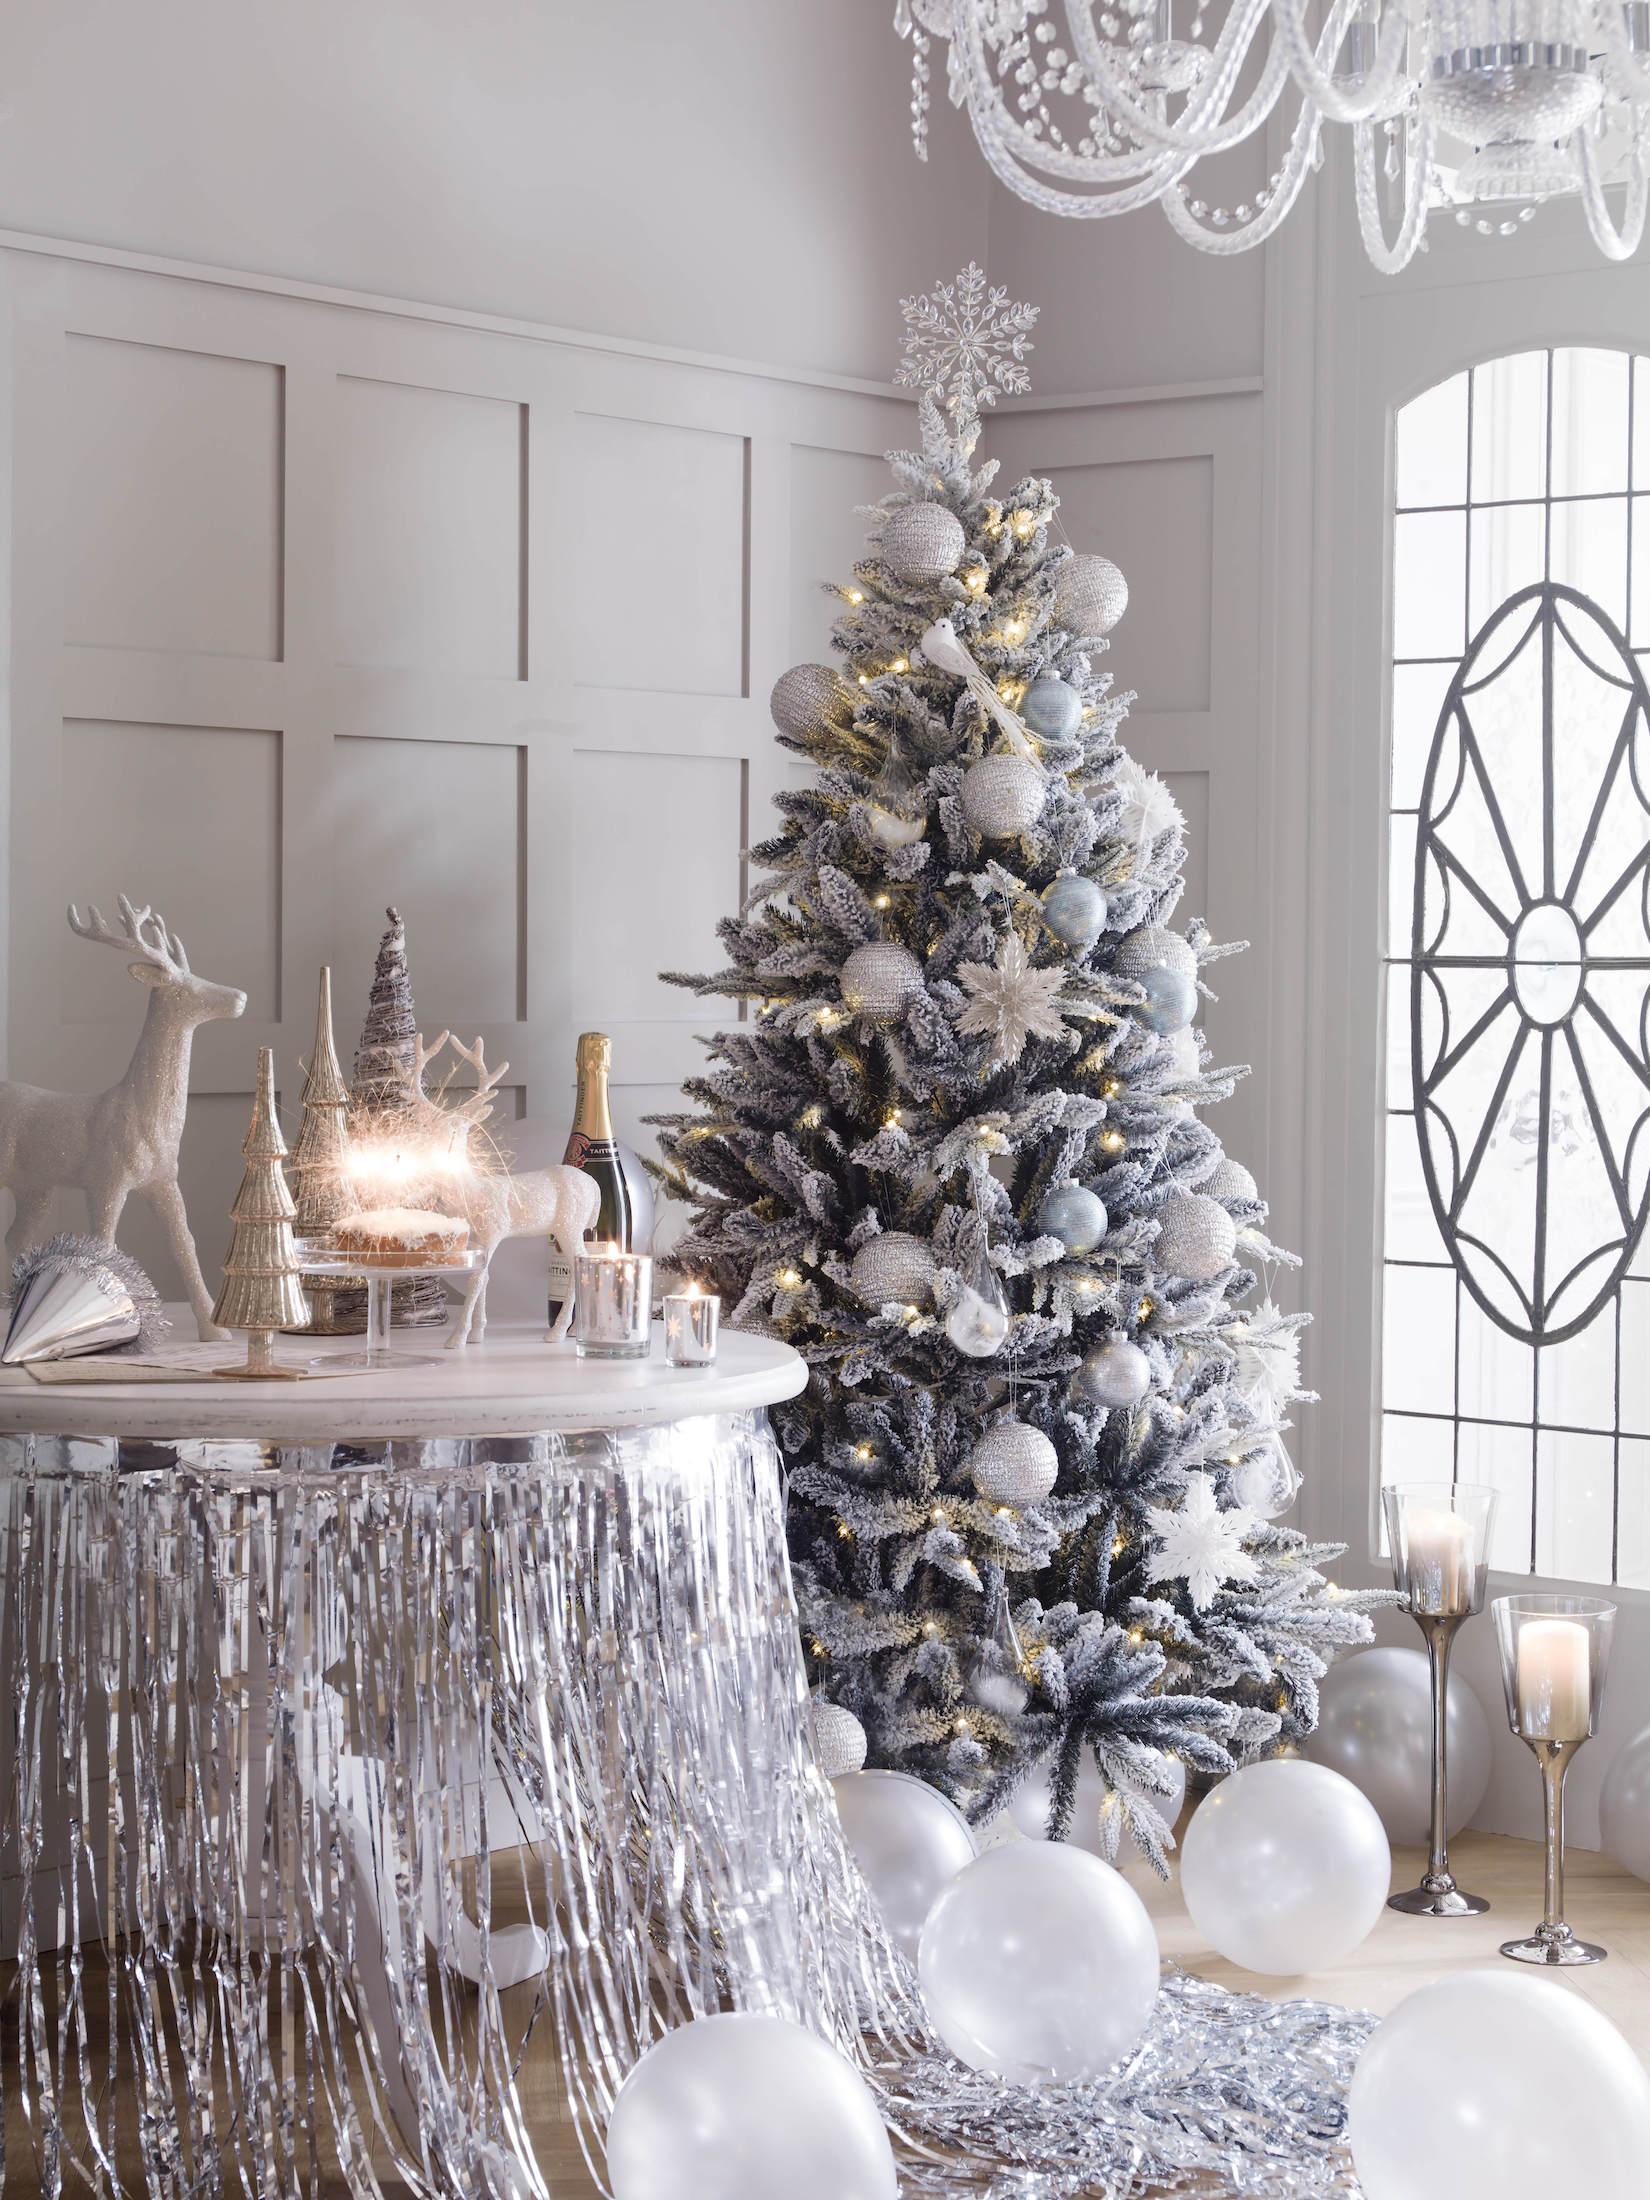 Bílý vánoční stromek foto: House of Fraser